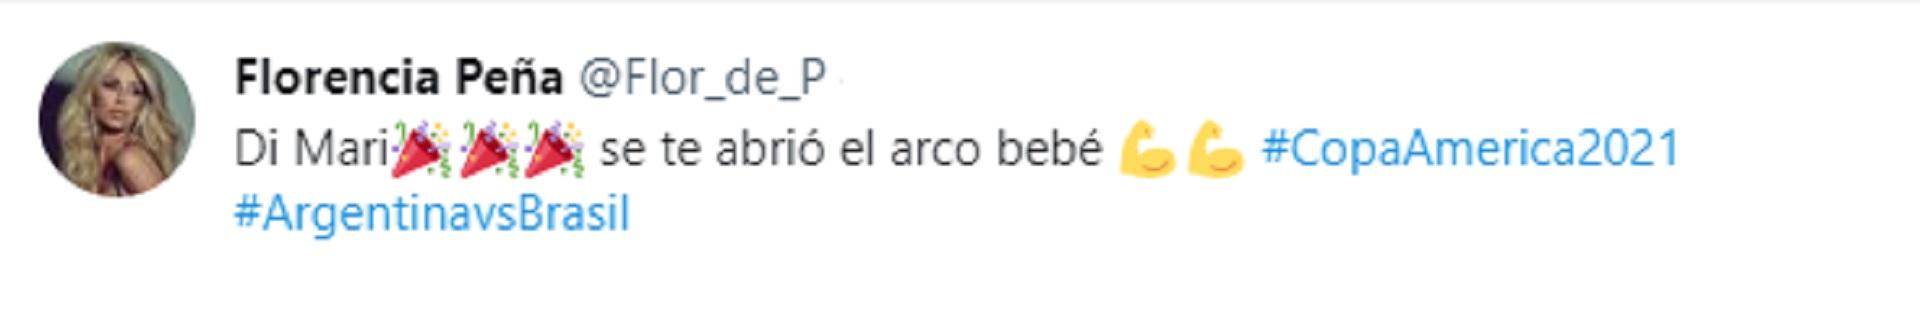 Los tuits de Florencia Pea durante la final de la Copa Amrica